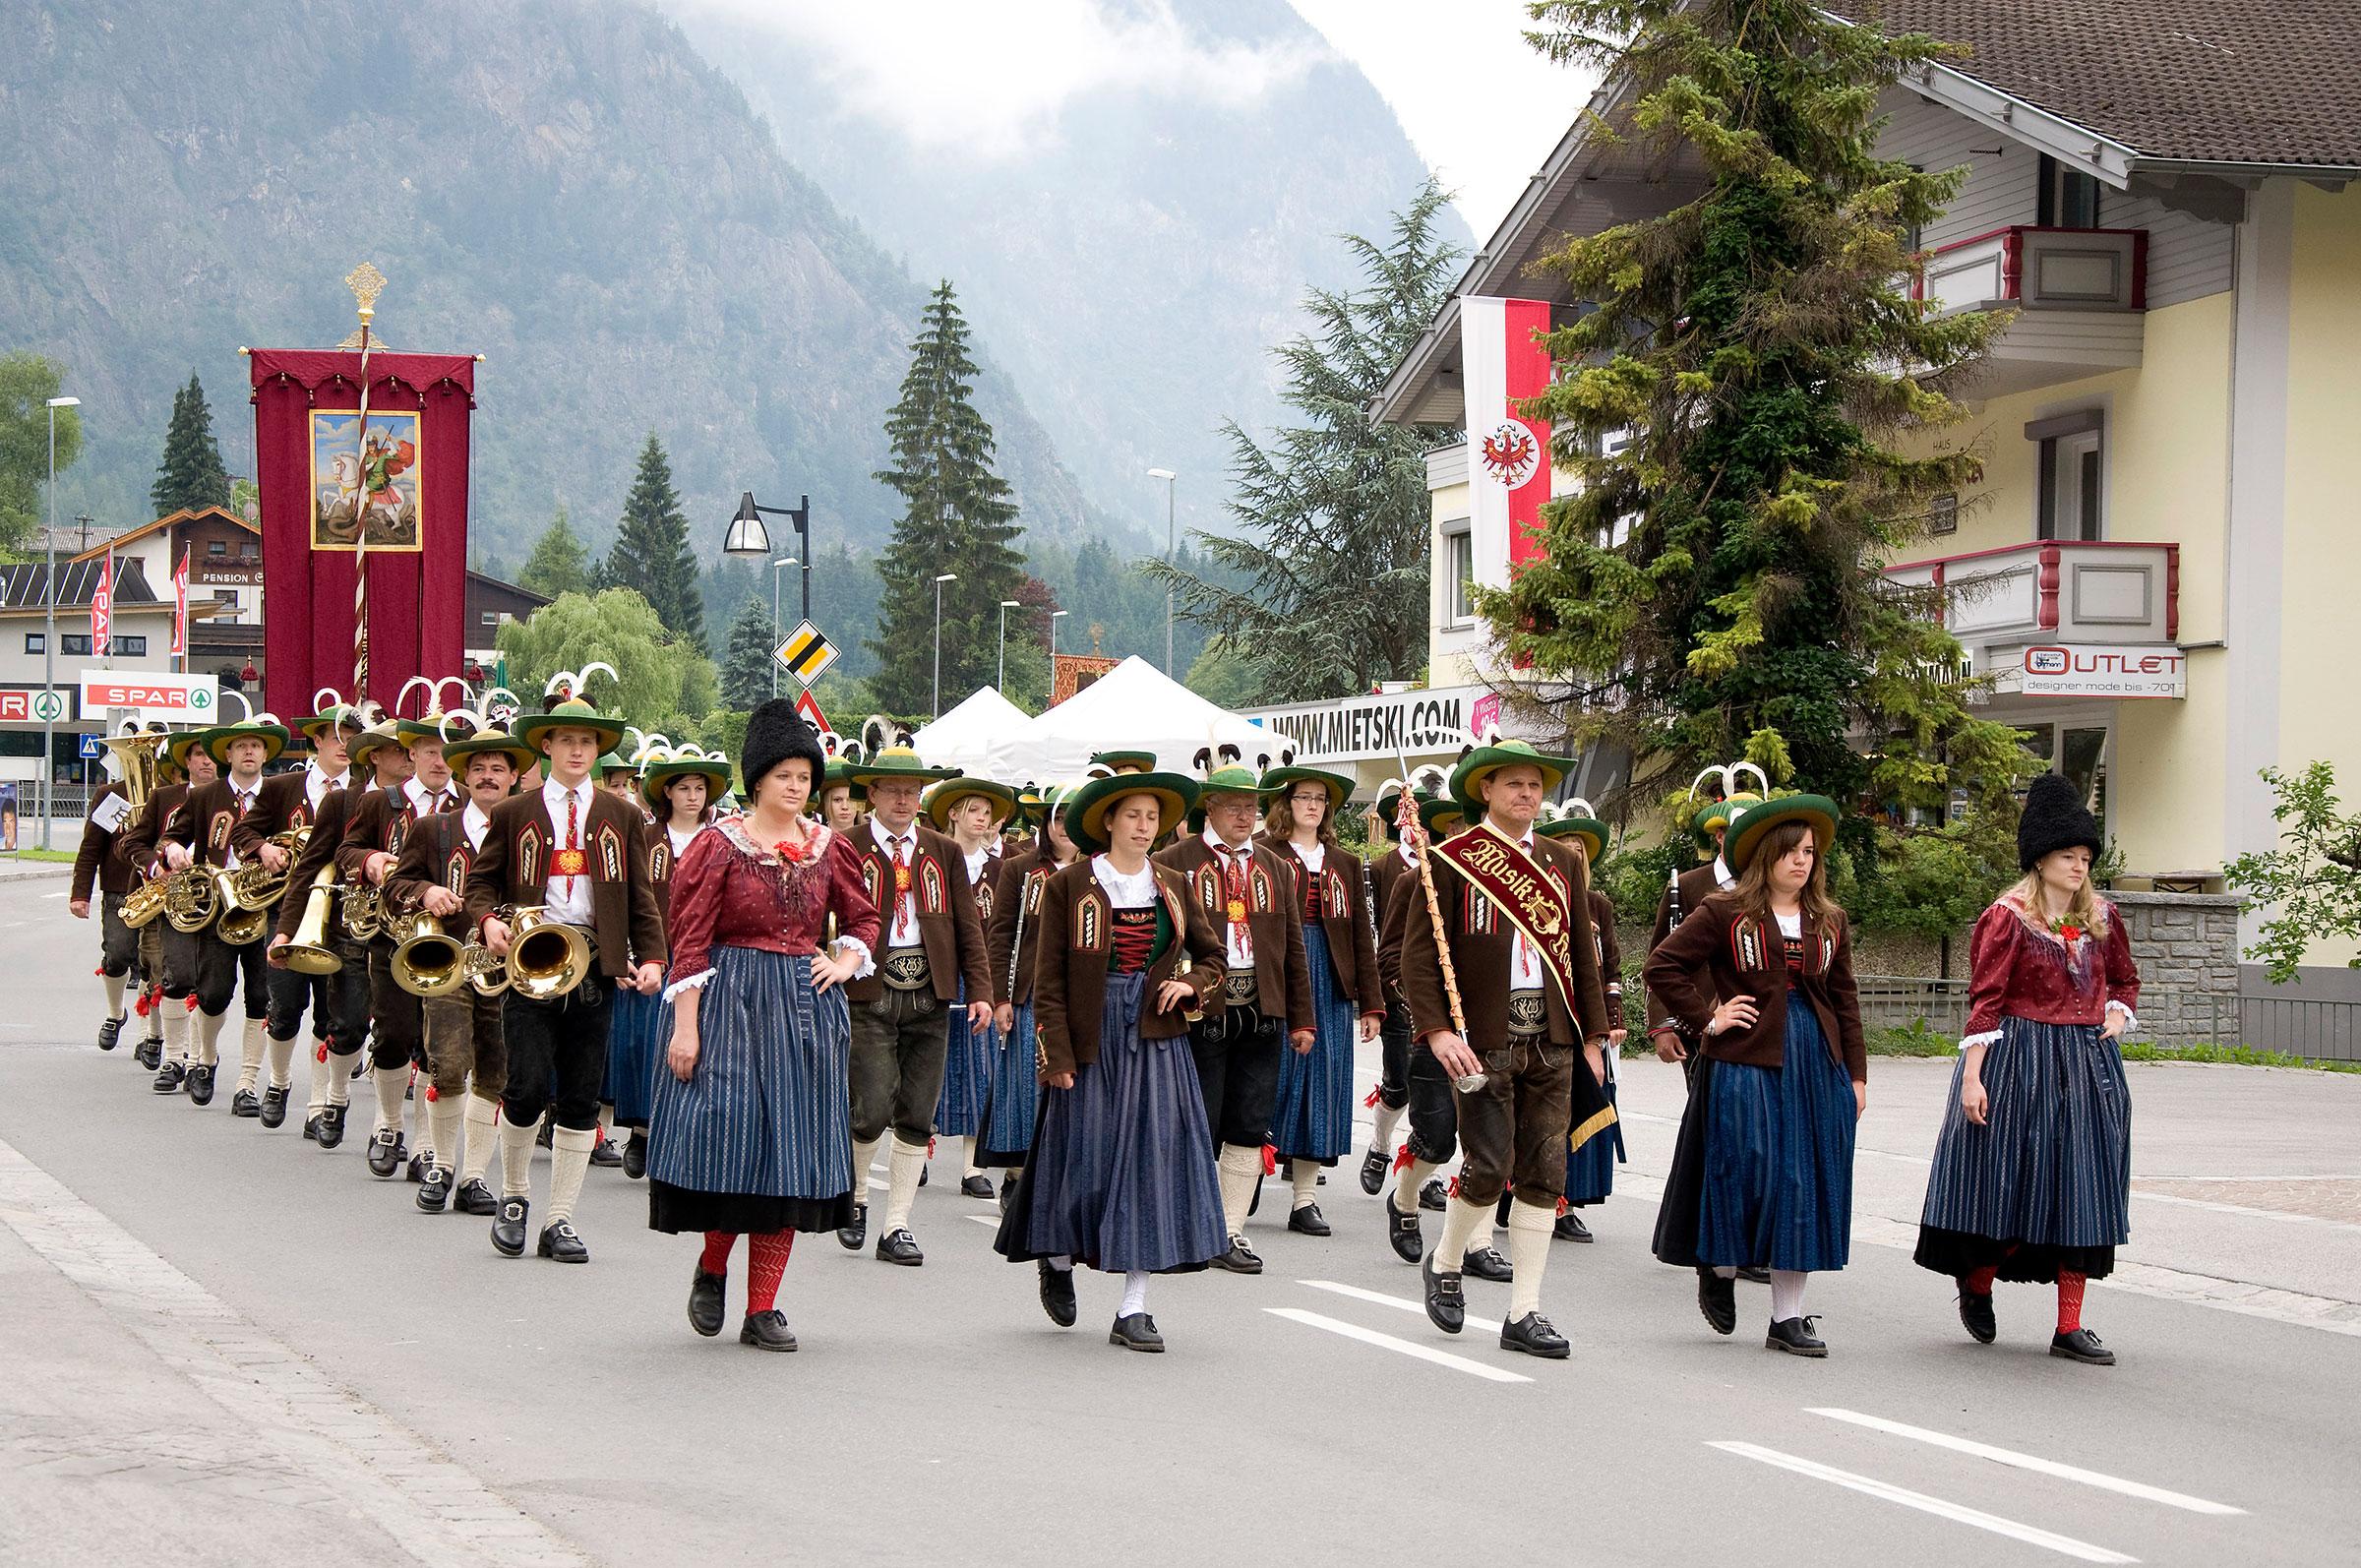 Musikkapelle Oetz - Brauchtum Ötztal Tirol